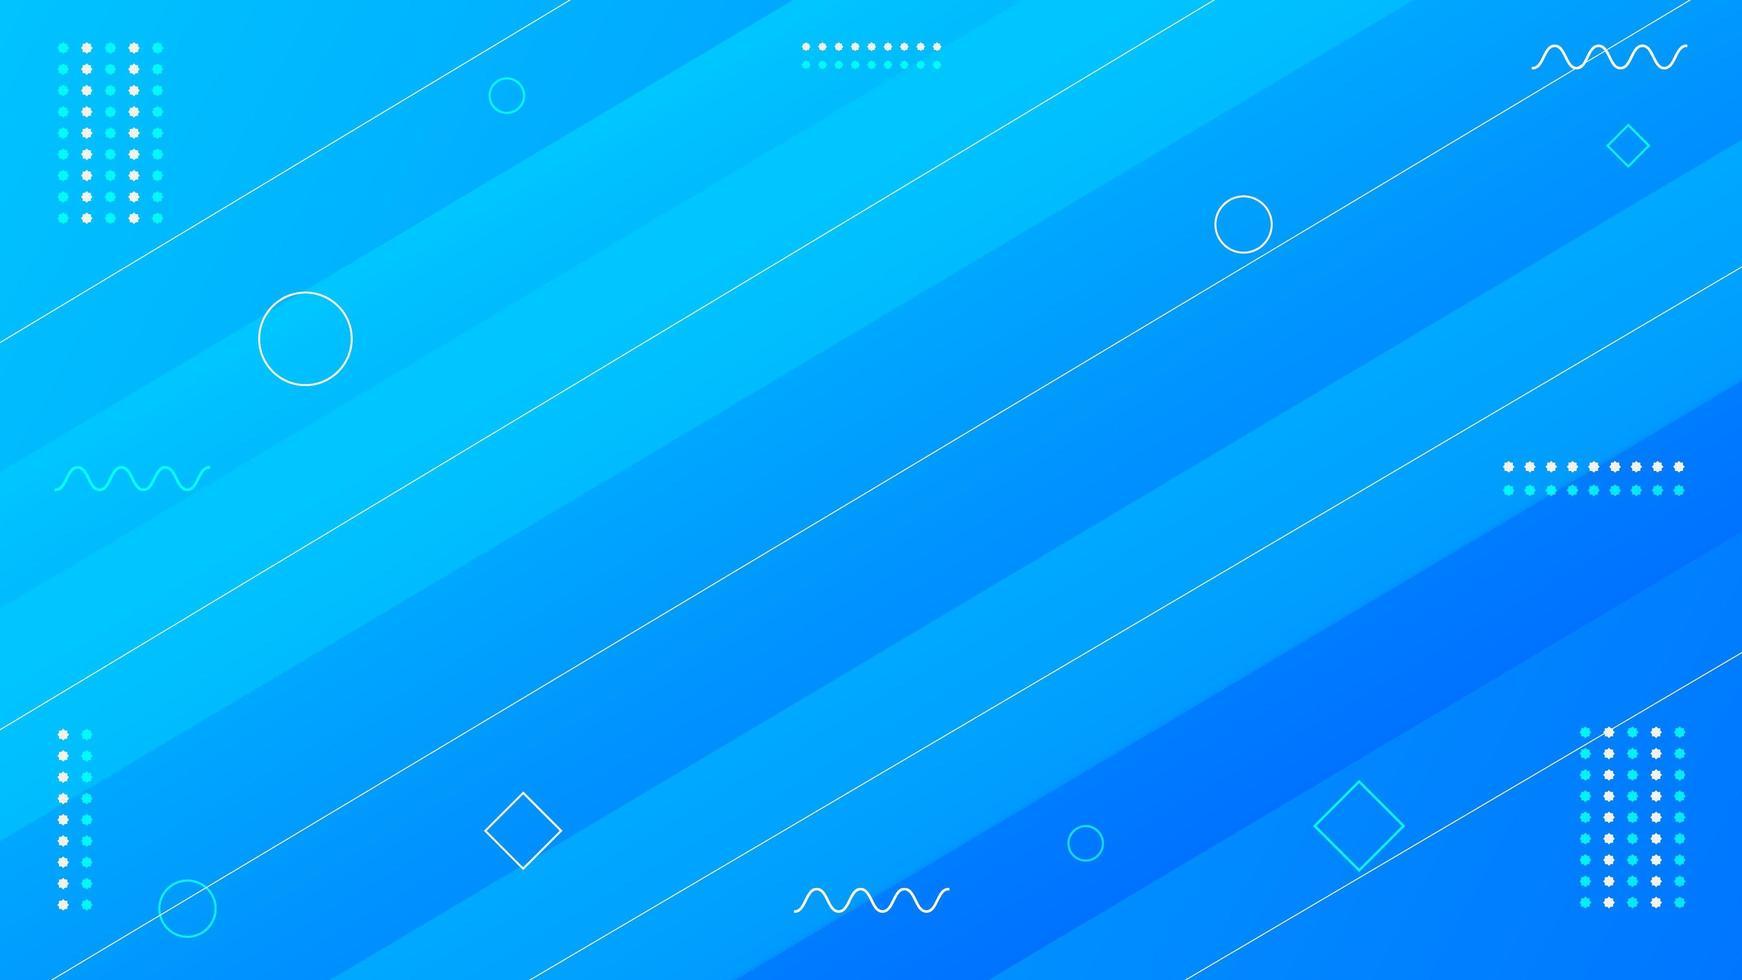 blaues geometrisches modernes Hintergrunddesign vektor